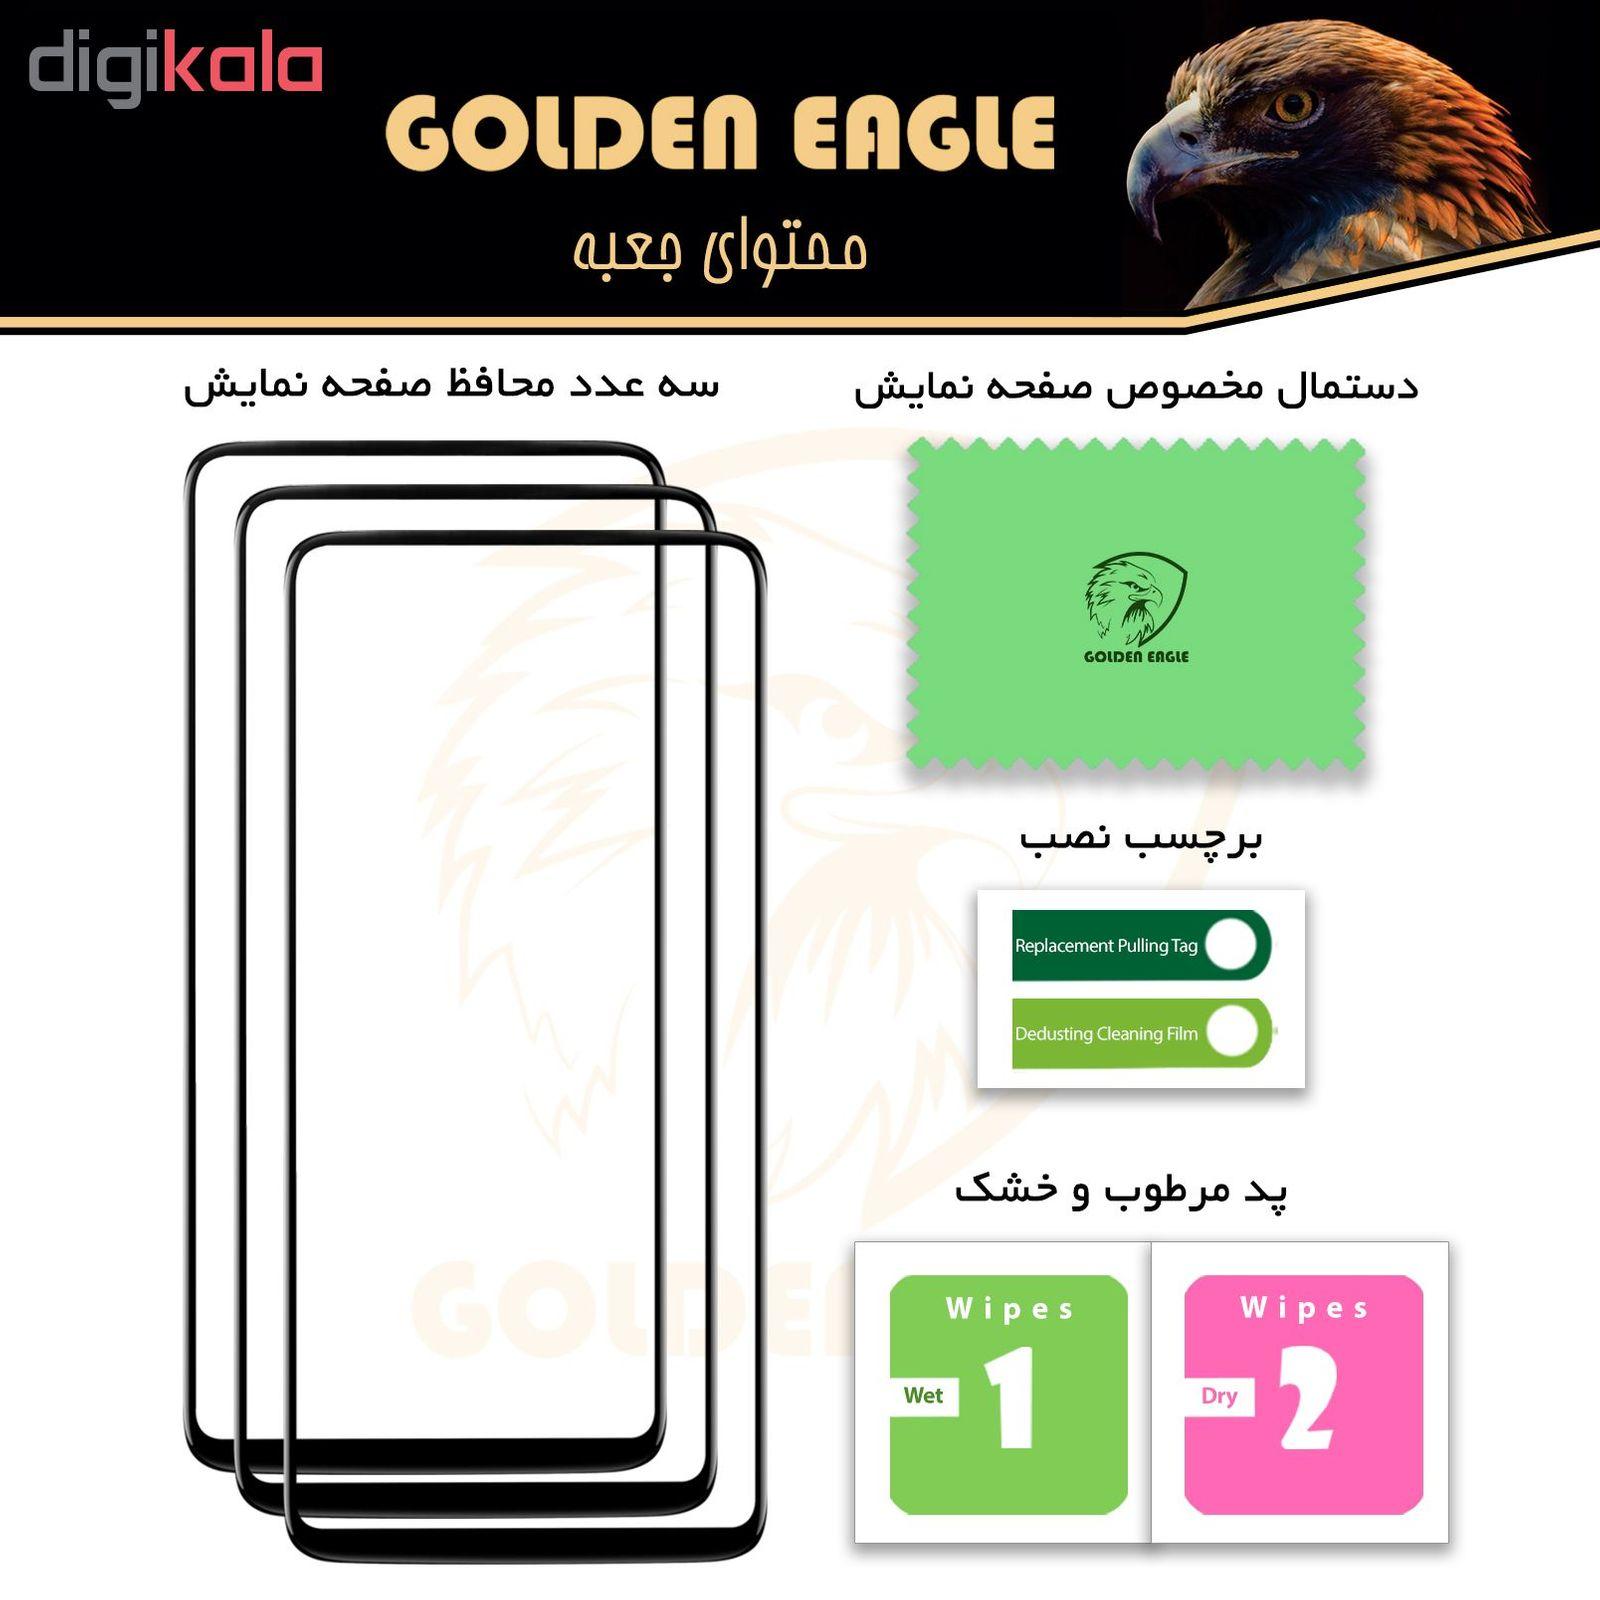 محافظ صفحه نمایش گلدن ایگل مدل DFC-X3 مناسب برای گوشی موبایل سامسونگ Galaxy A70 بسته سه عددی main 1 2